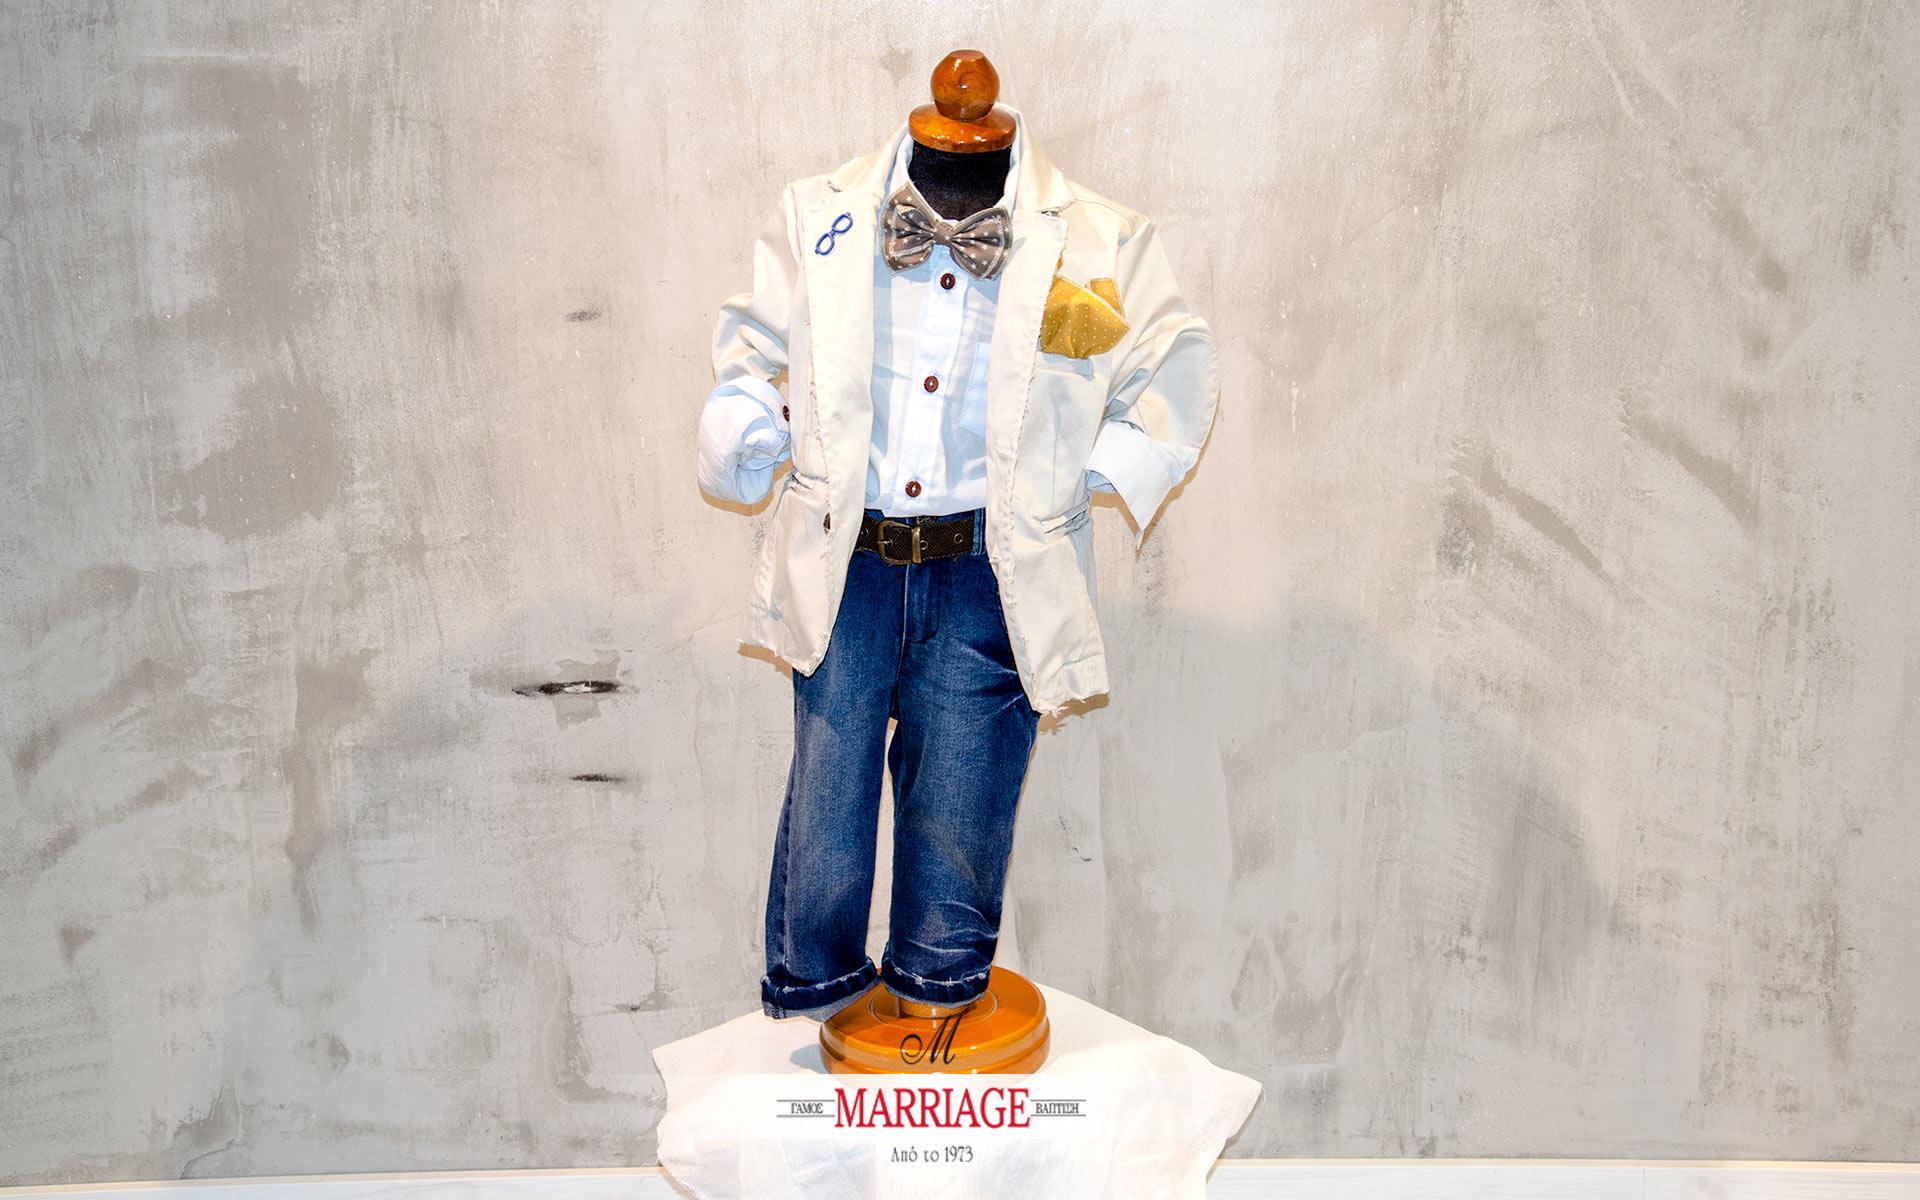 Marriage Βαπτιστικά ρούχα για αγόρι και κορίτσι